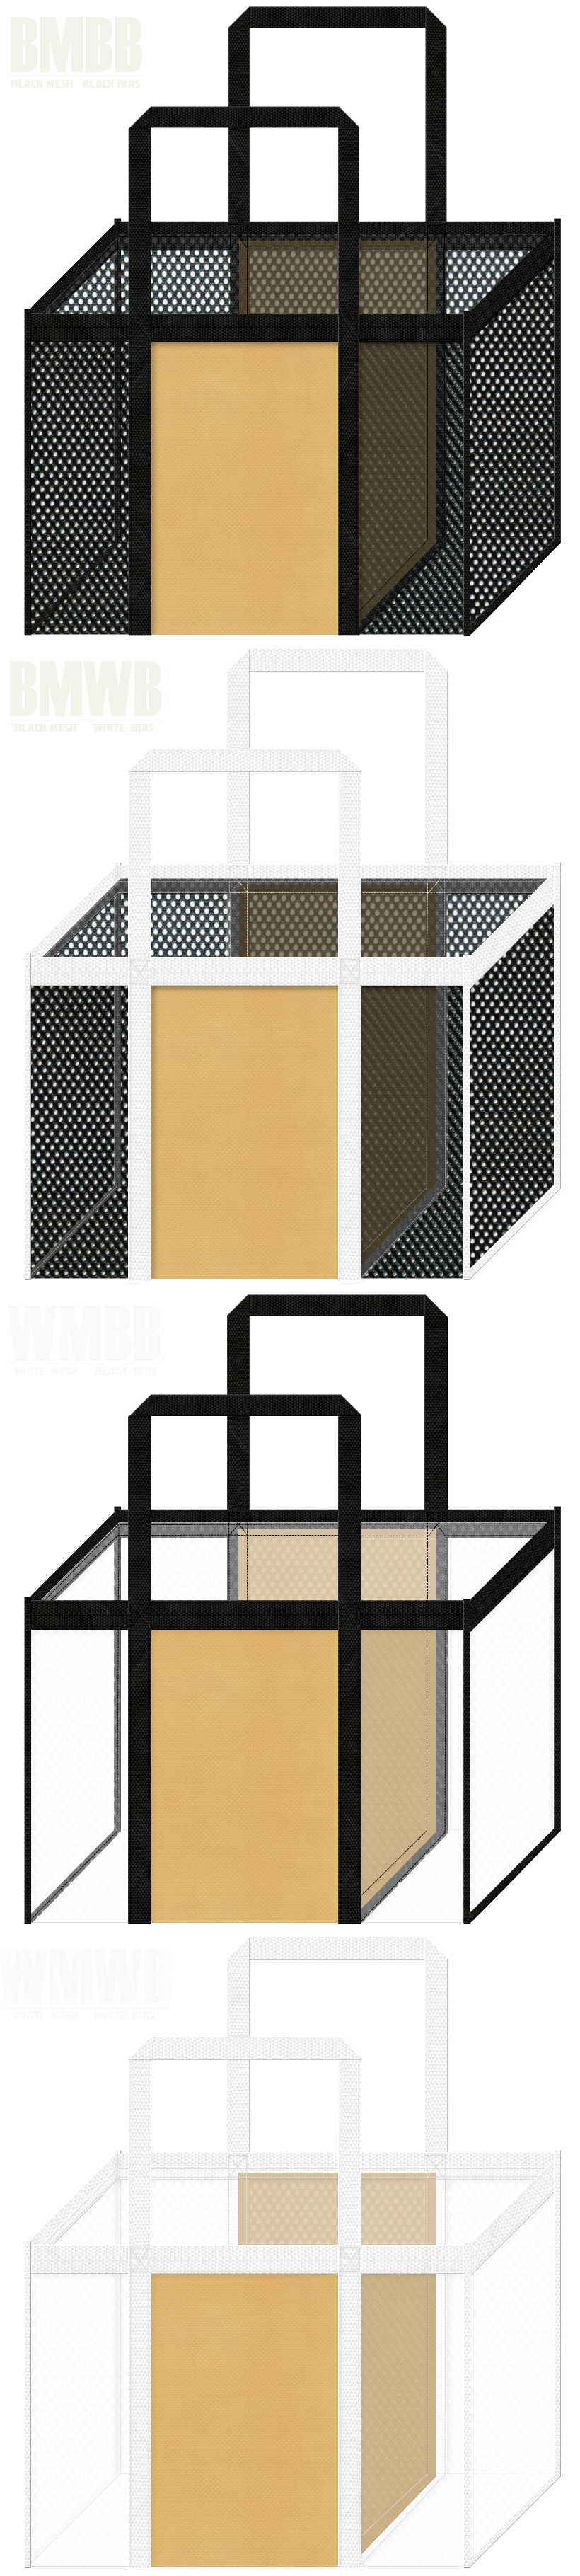 角型メッシュバッグのカラーシミュレーション:黒色・白色メッシュと薄黄土色不織布の組み合わせ